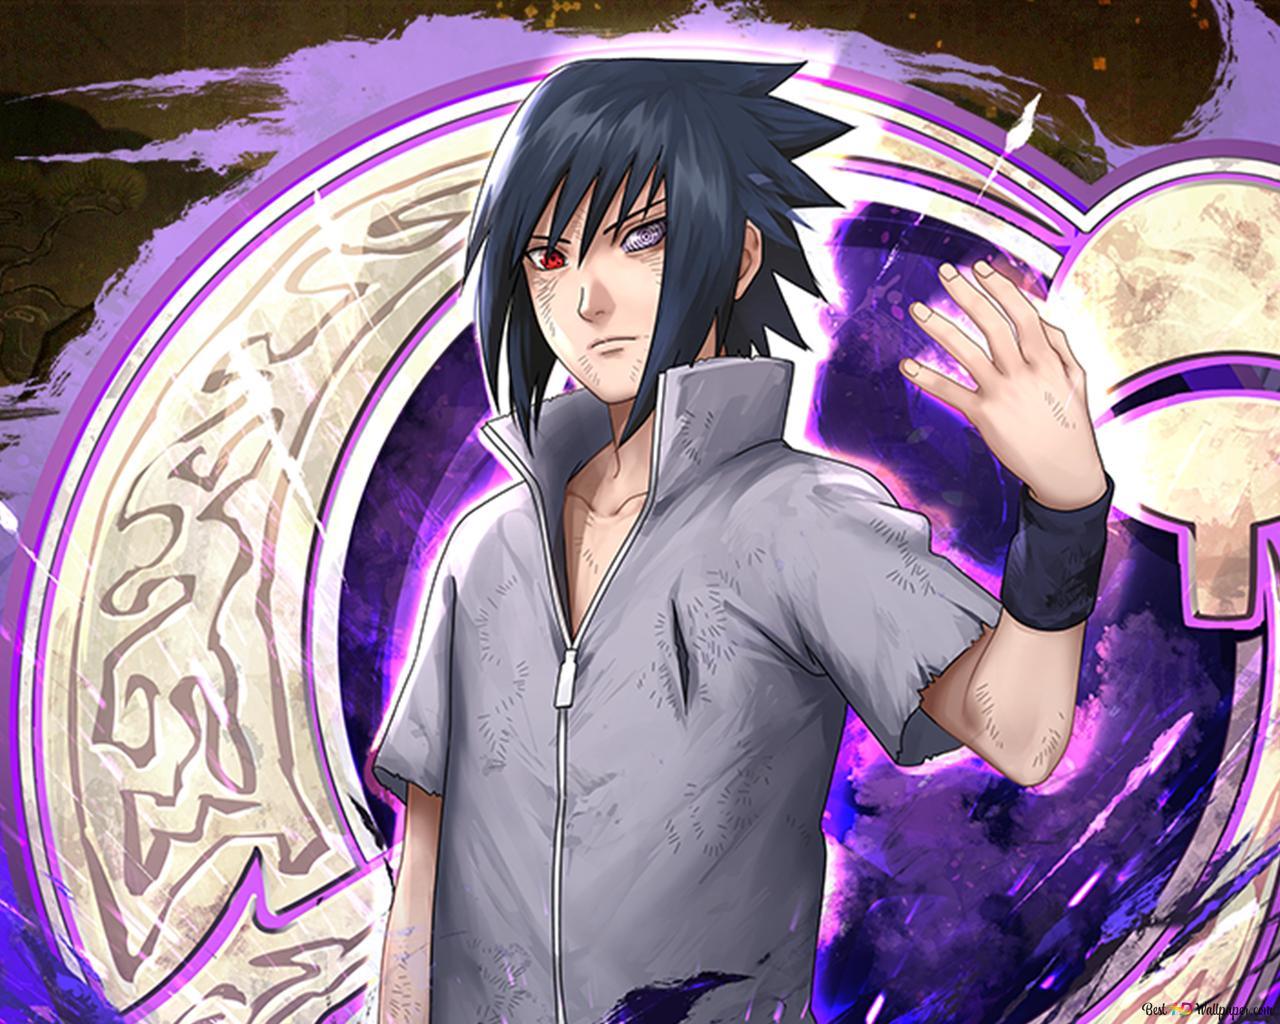 Naruto Shippuden的sasuke Uchiha Rinnegan来自台式机高清壁纸下载